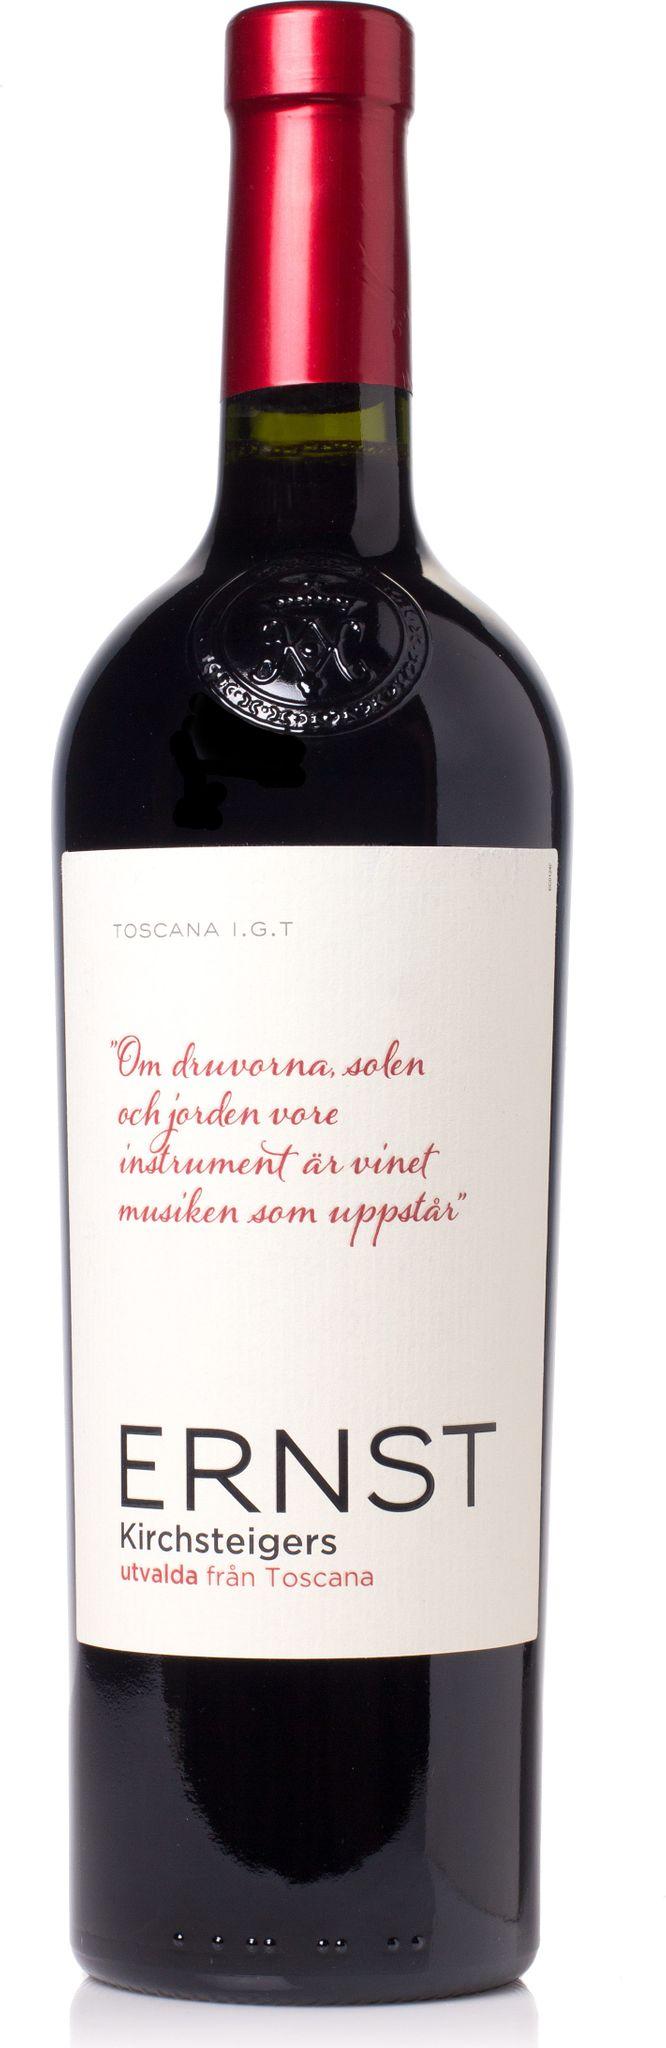 Produktbild på Ernst Utvalda Från Toscana